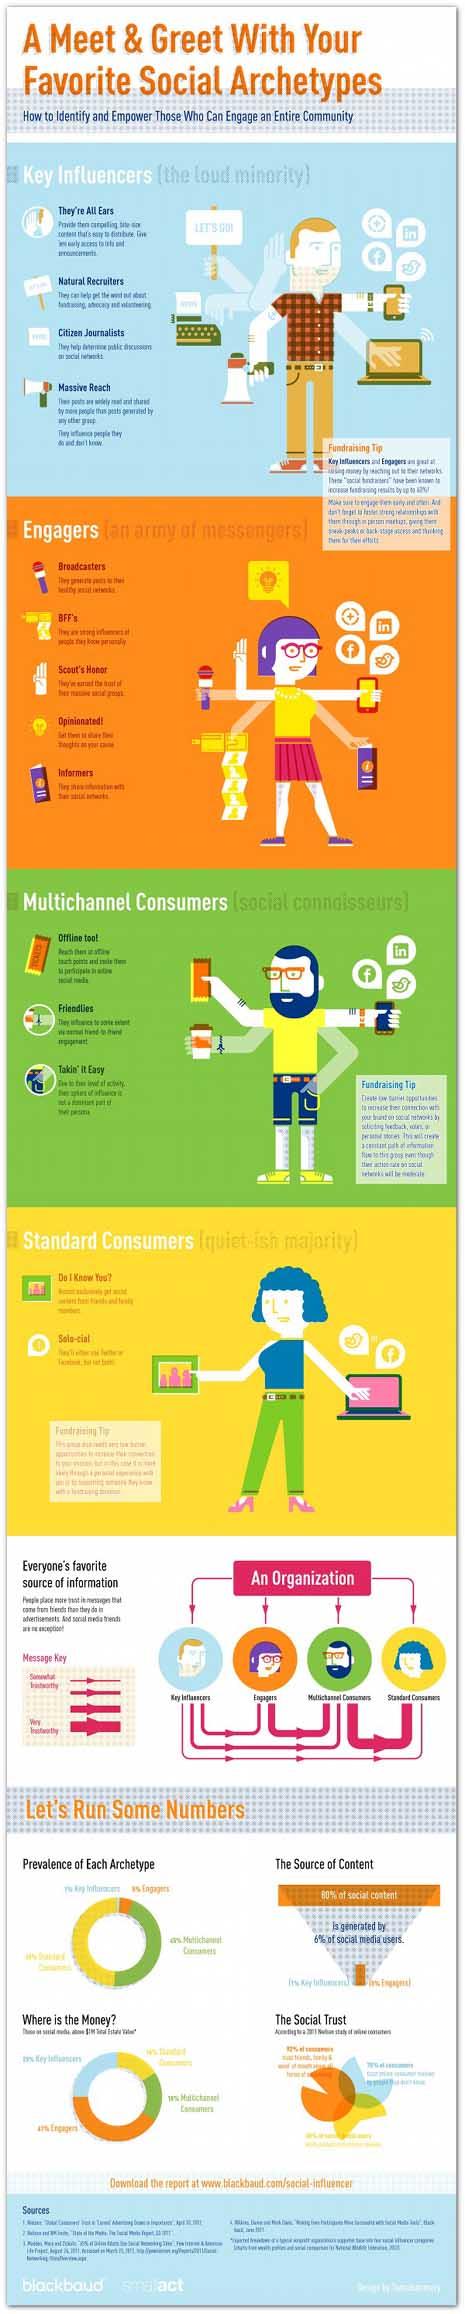 Los cuatro estereotipos de usuarios que revolucionan las redes sociales